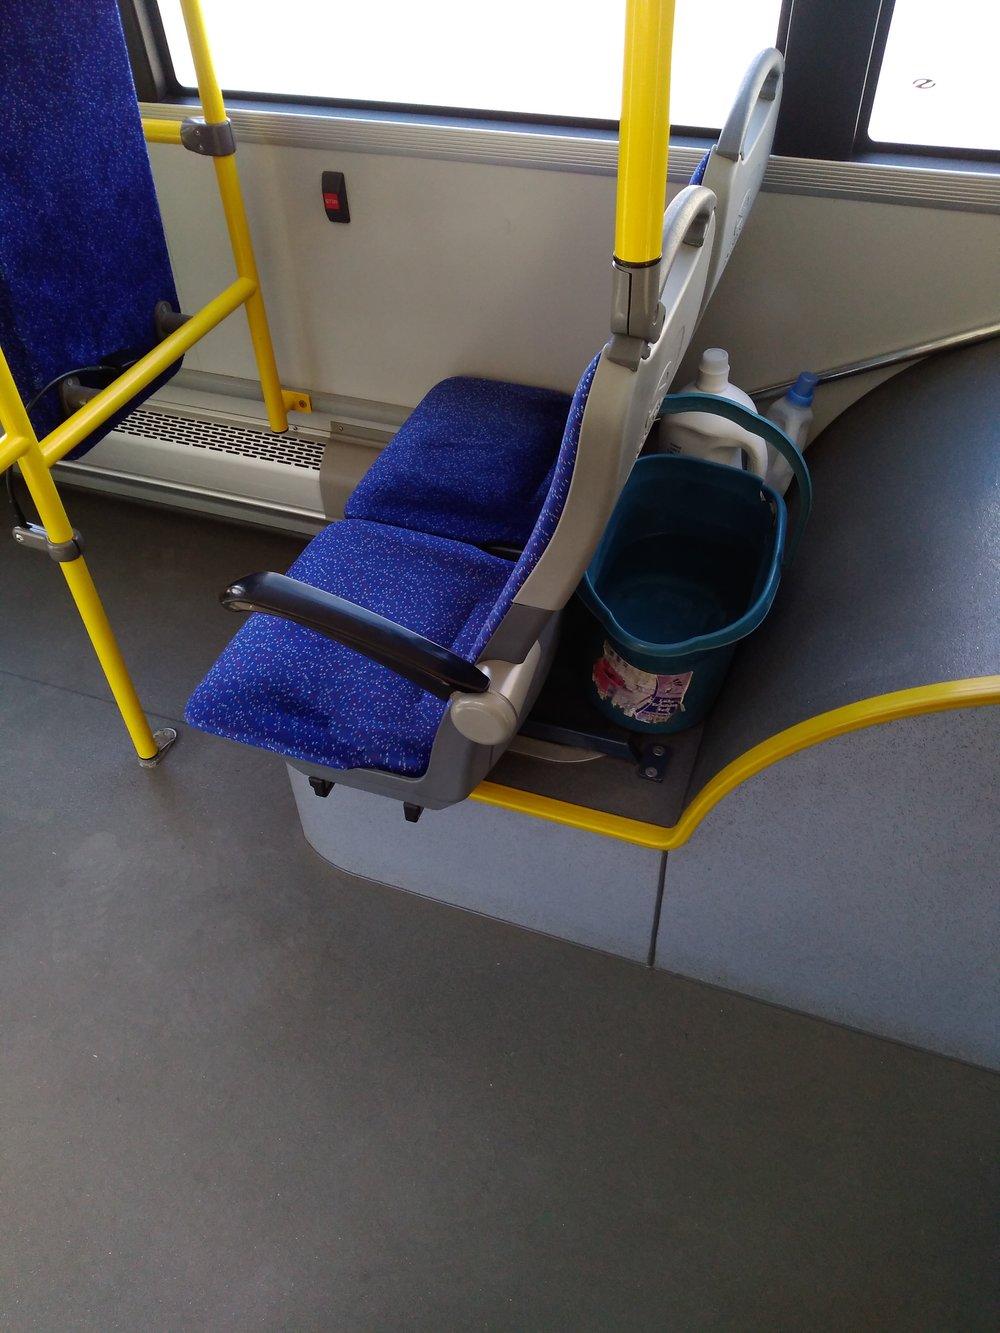 """Vědro sčistou vodou, mop a čistící prostředky jsou vkaždém plevenském trolejbuse samozřejmostí, a tak interiér místních vozů září čistotou. Místní DP přitom otom, že řidiči vyfasovali """"kýbl"""", žádné tiskové zprávy vydávat nepotřebuje."""